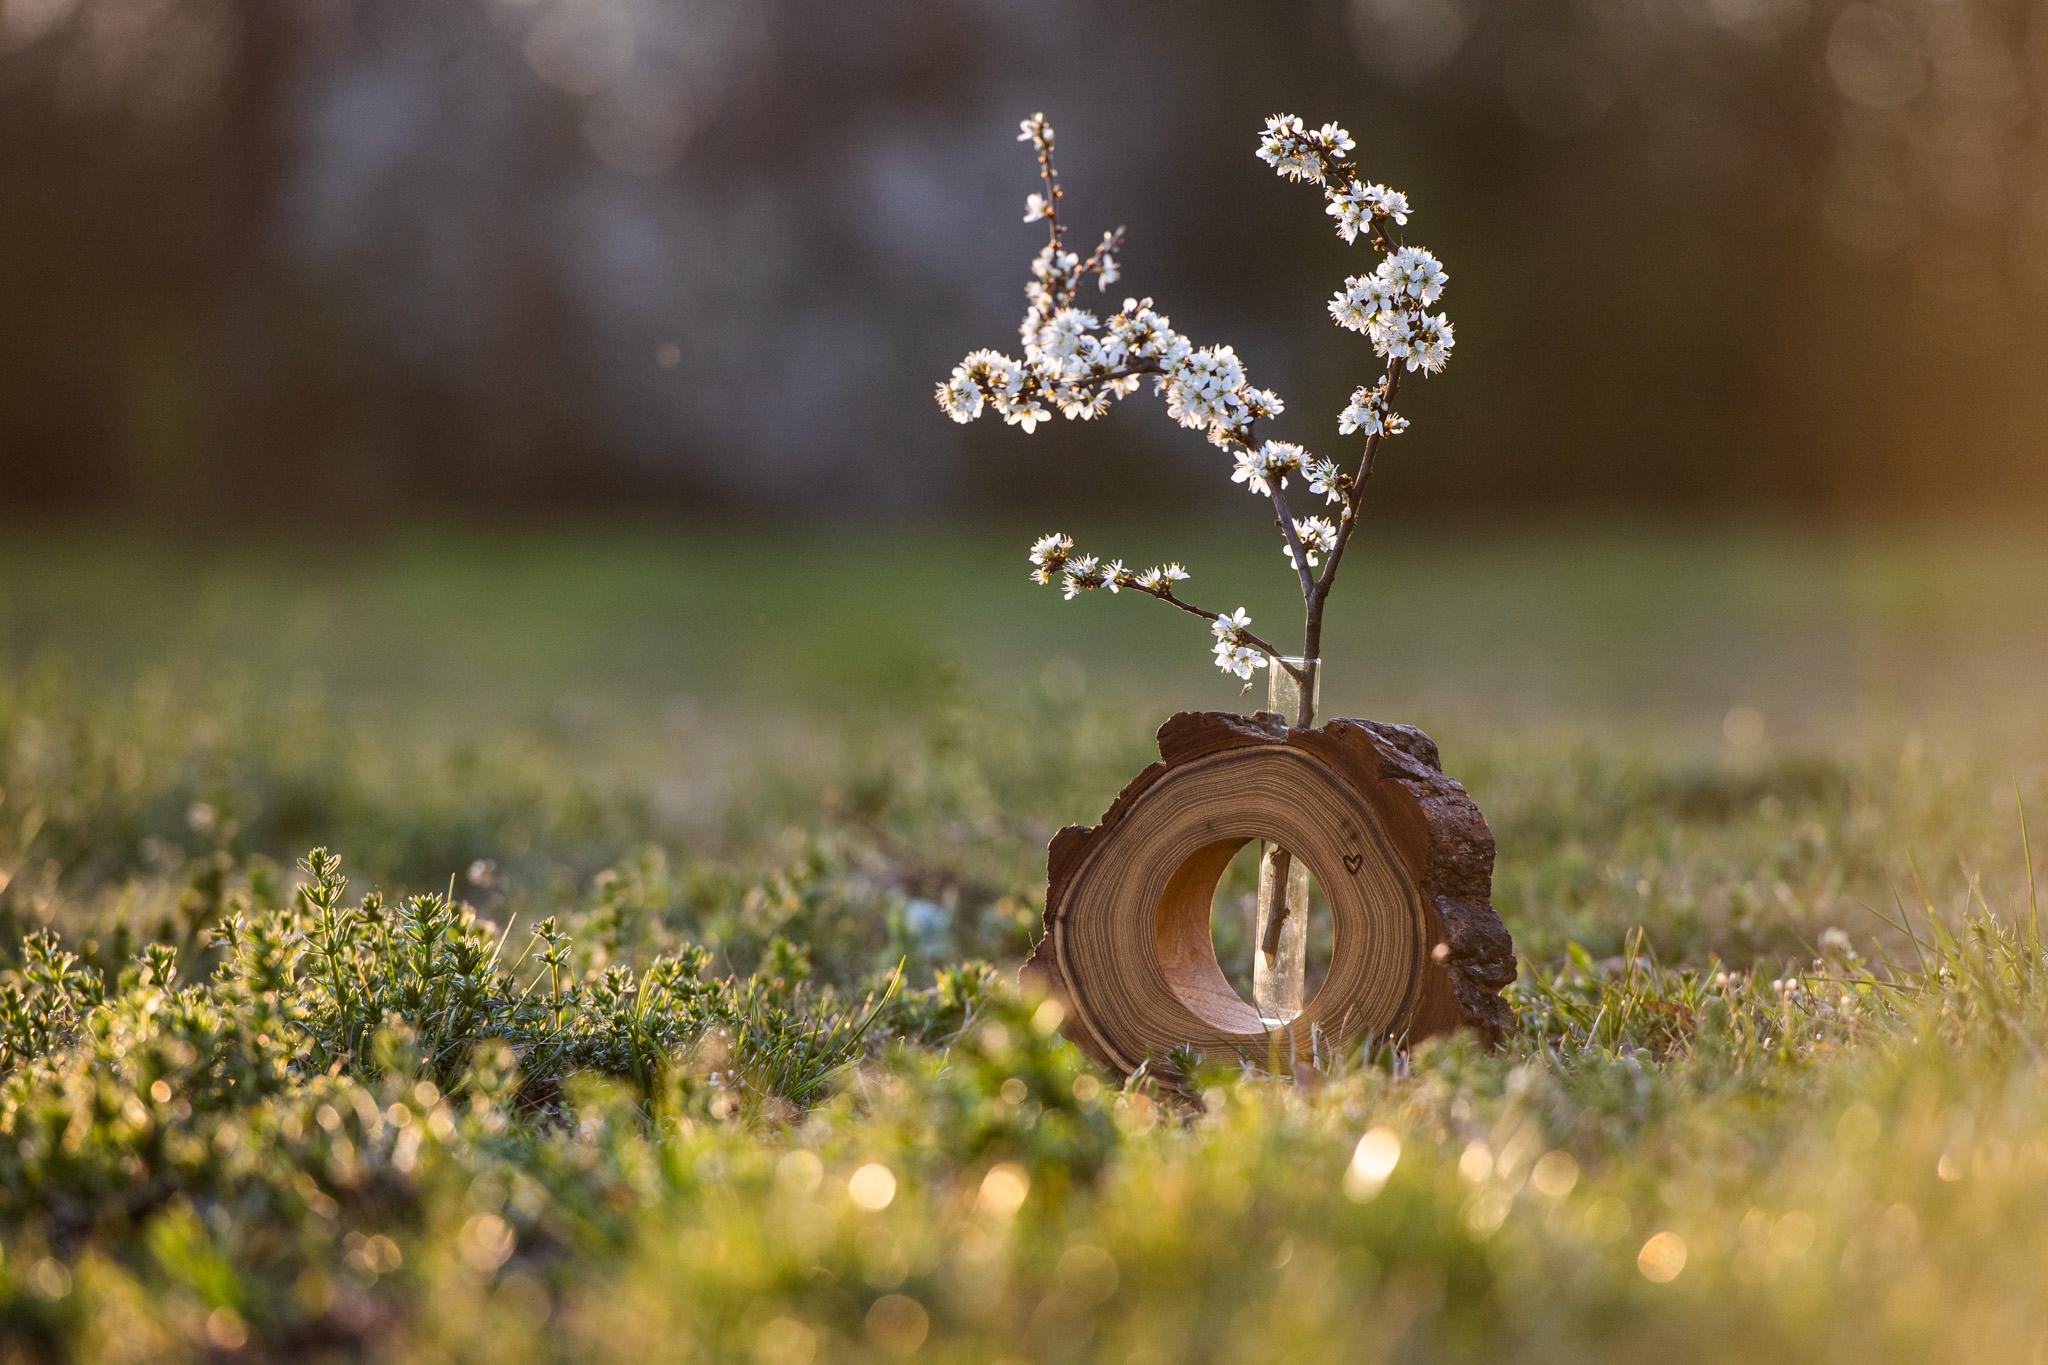 Akátová vázička. Váza je vyrobena ručně v kombinaci s ručně vyrobeným sklem...Dřevíčko je ošetřeno přírodní voděodpudivou směsí Odie's oil.